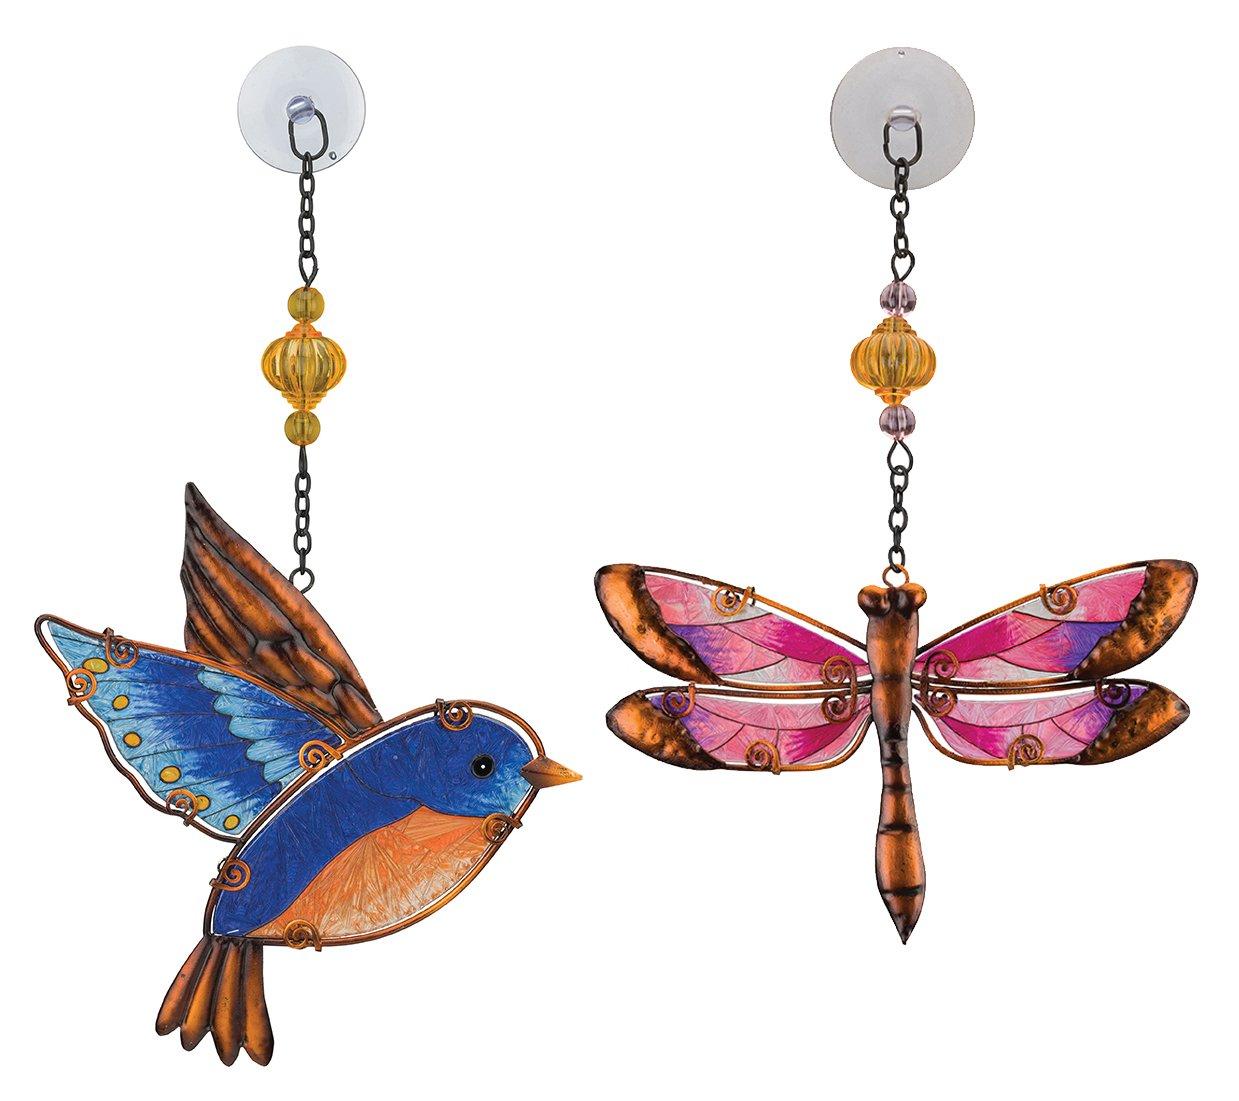 Regal Art & Gift Suncatchers, Pink Dragonfly & Blue Bird Glass Sun Catcher for Home, Garden, Window and Wall Art